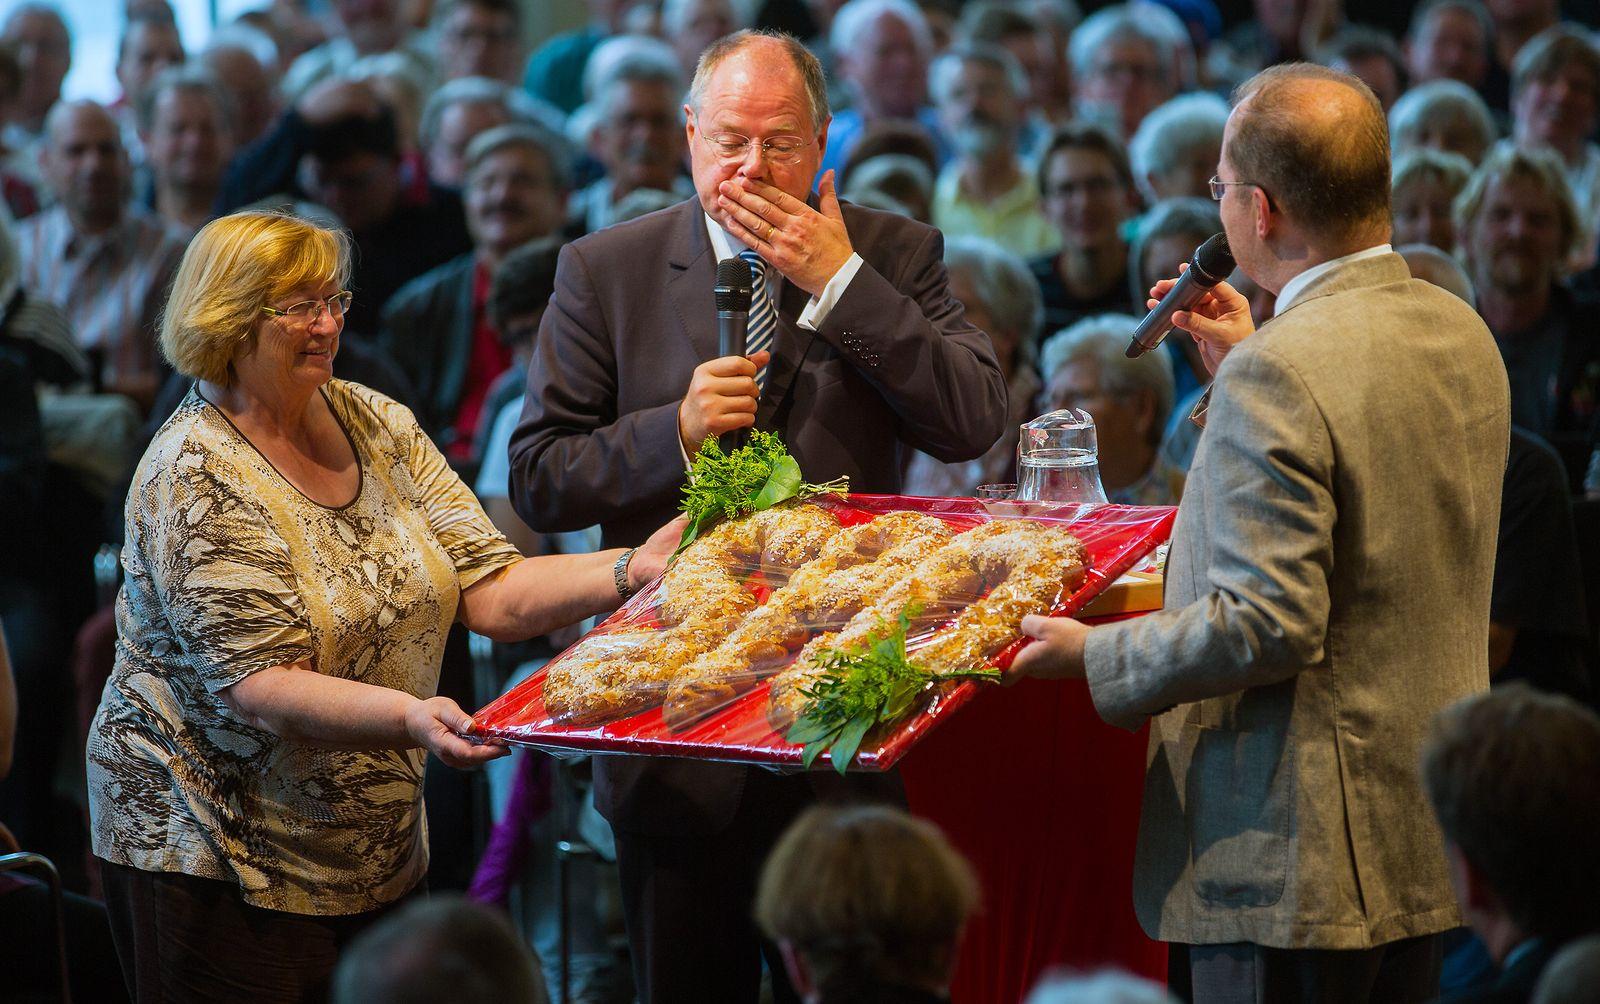 Wahlkampf SPD Steinbrück 2013